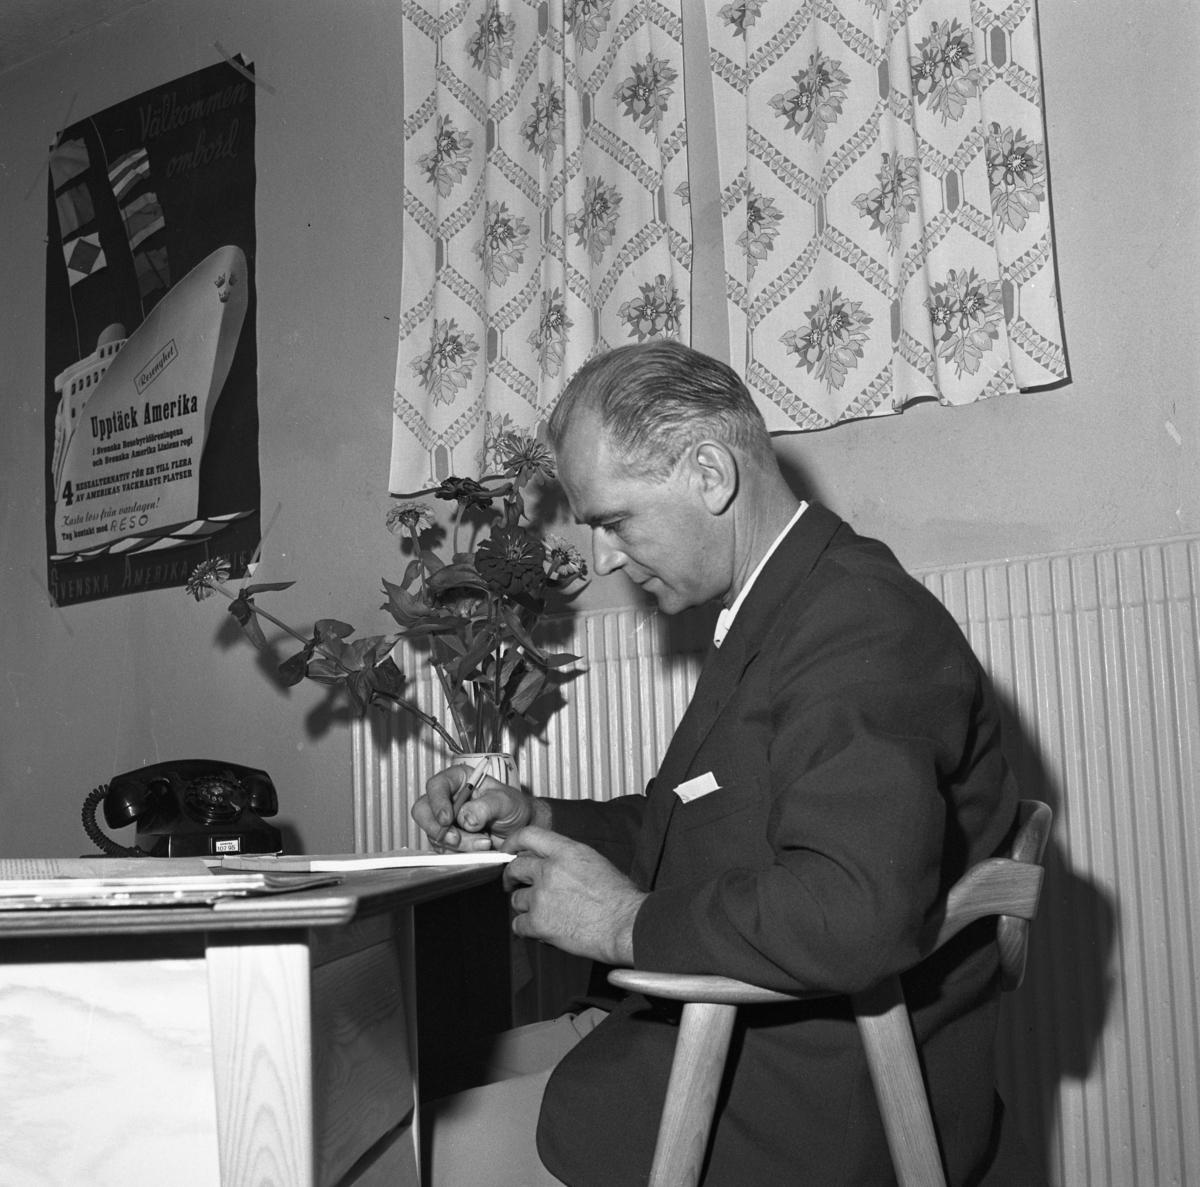 Resebyrån Reso i nya lokaler. En man sitter vid skrivbordet. Han har en penna i handen. En telefon och en vas med blommor står på skrivbordet. På väggen hänger en affisch som lockar med resor till Amerika.